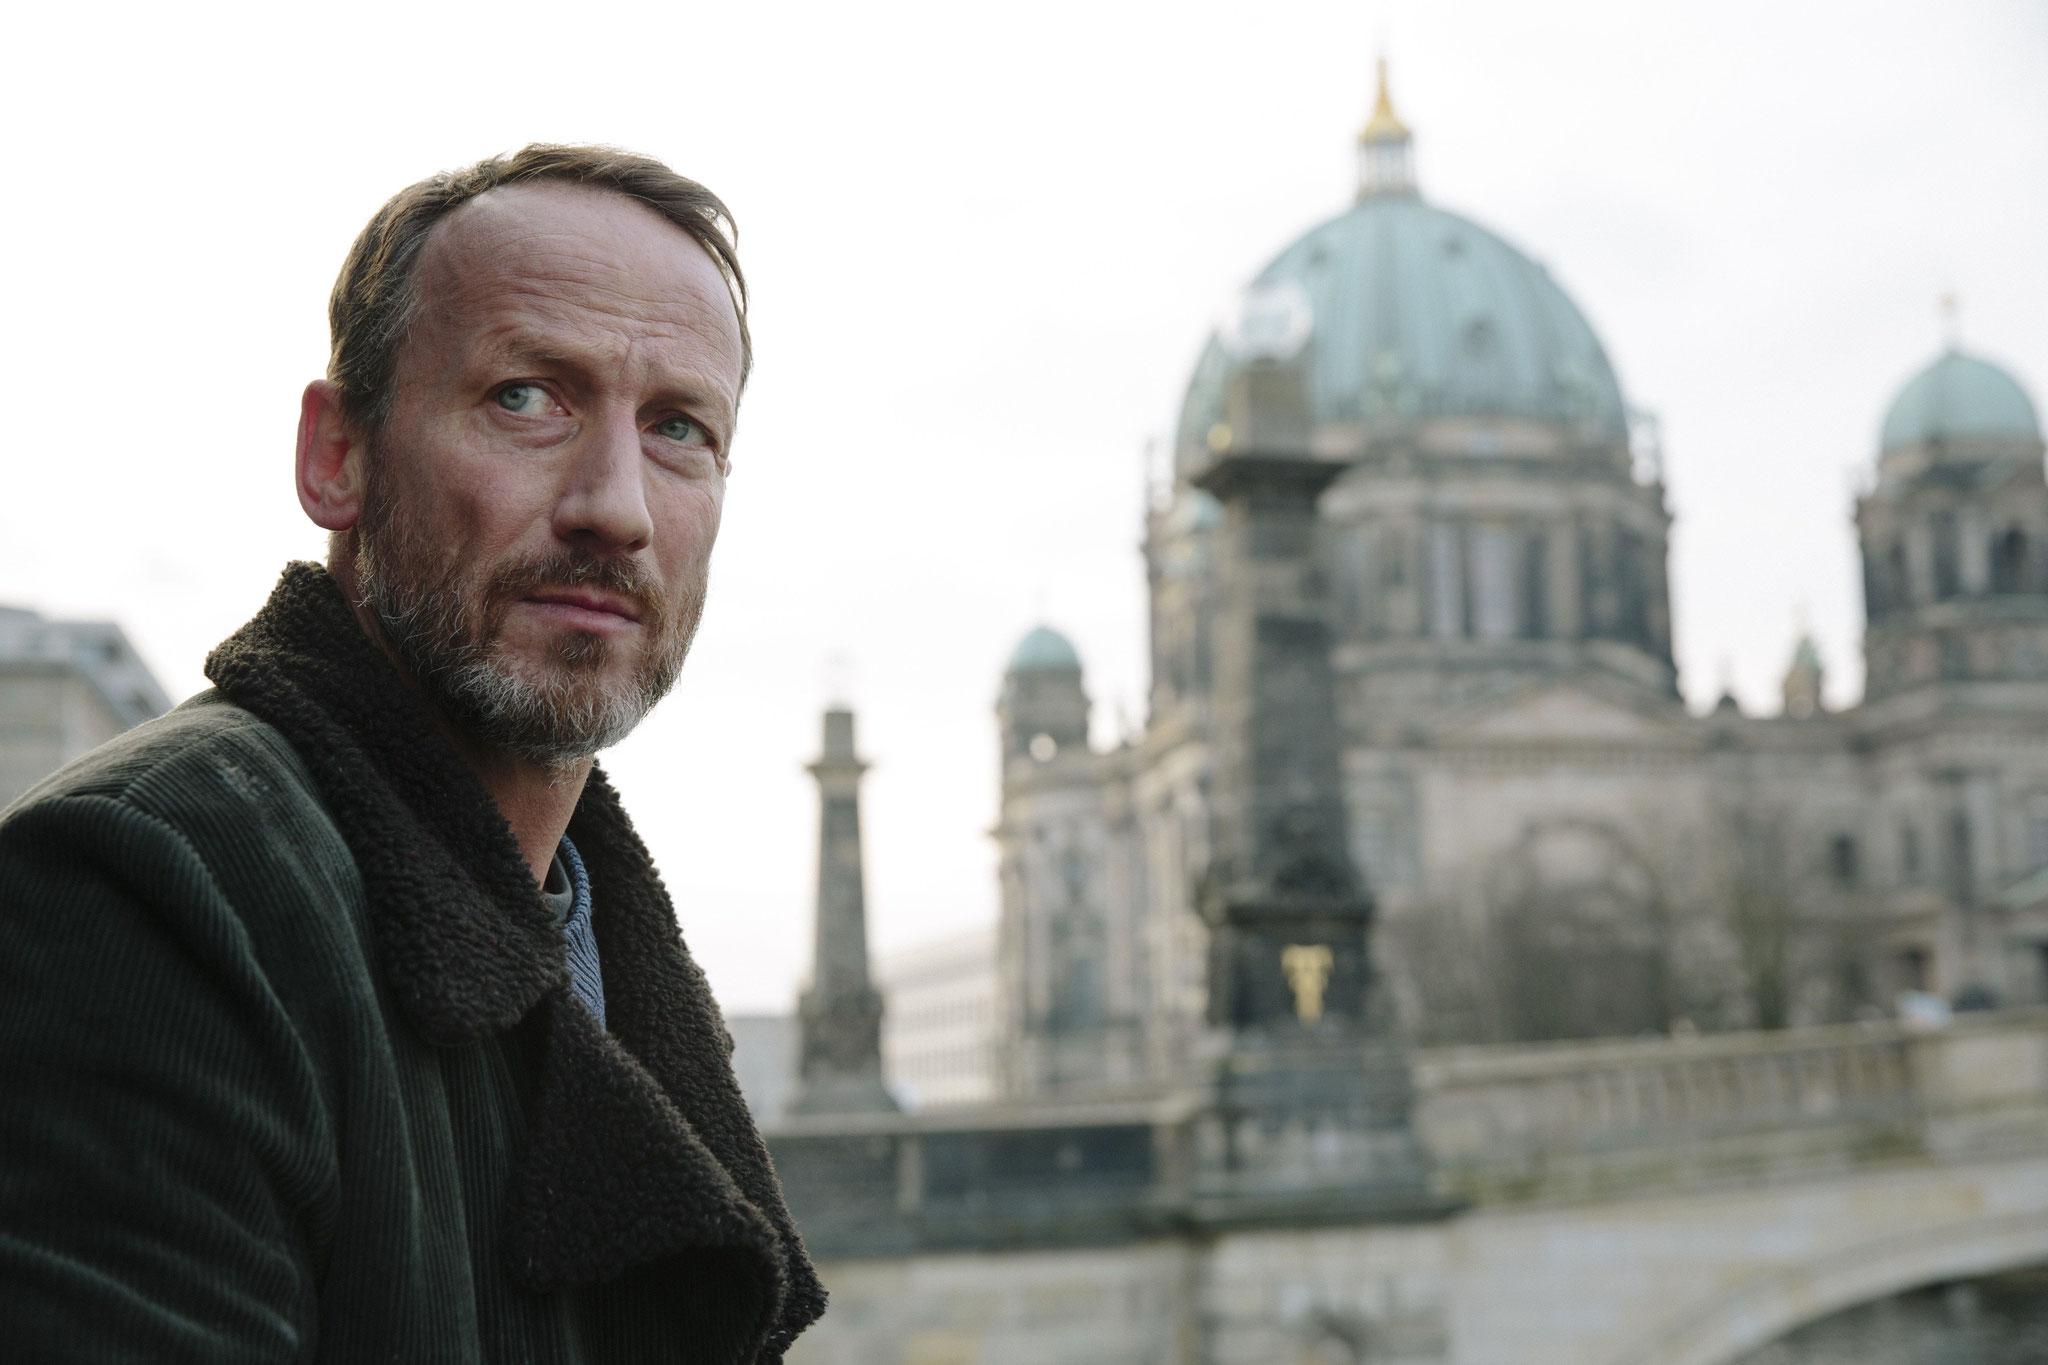 Foto: ZDF / edel:motion